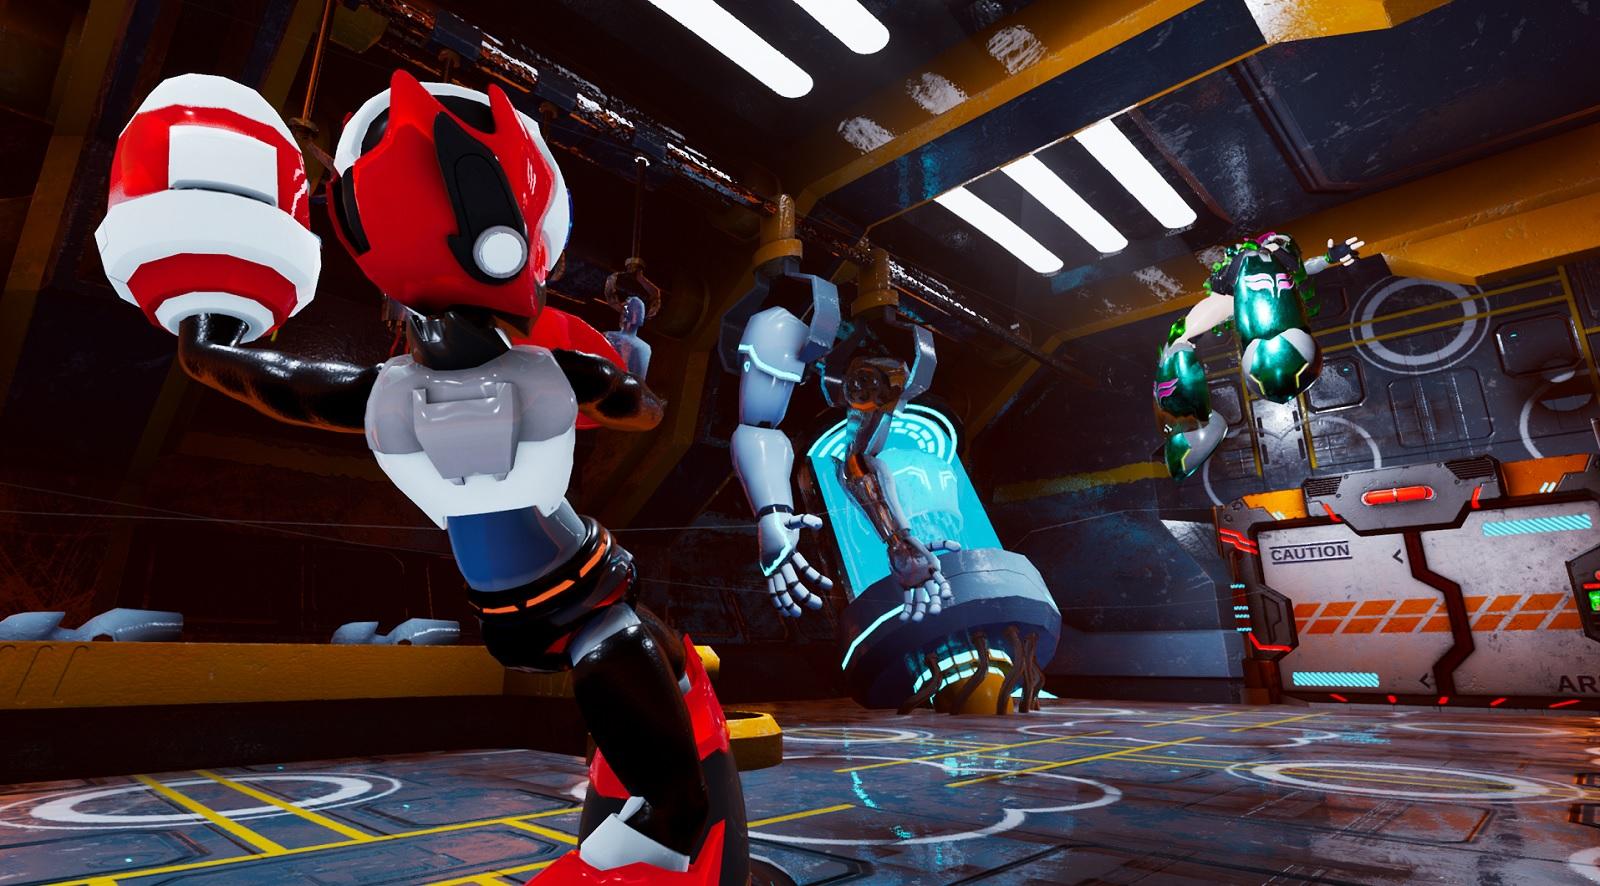 Action platformer Android Hunter A brings Mega Man into 2020